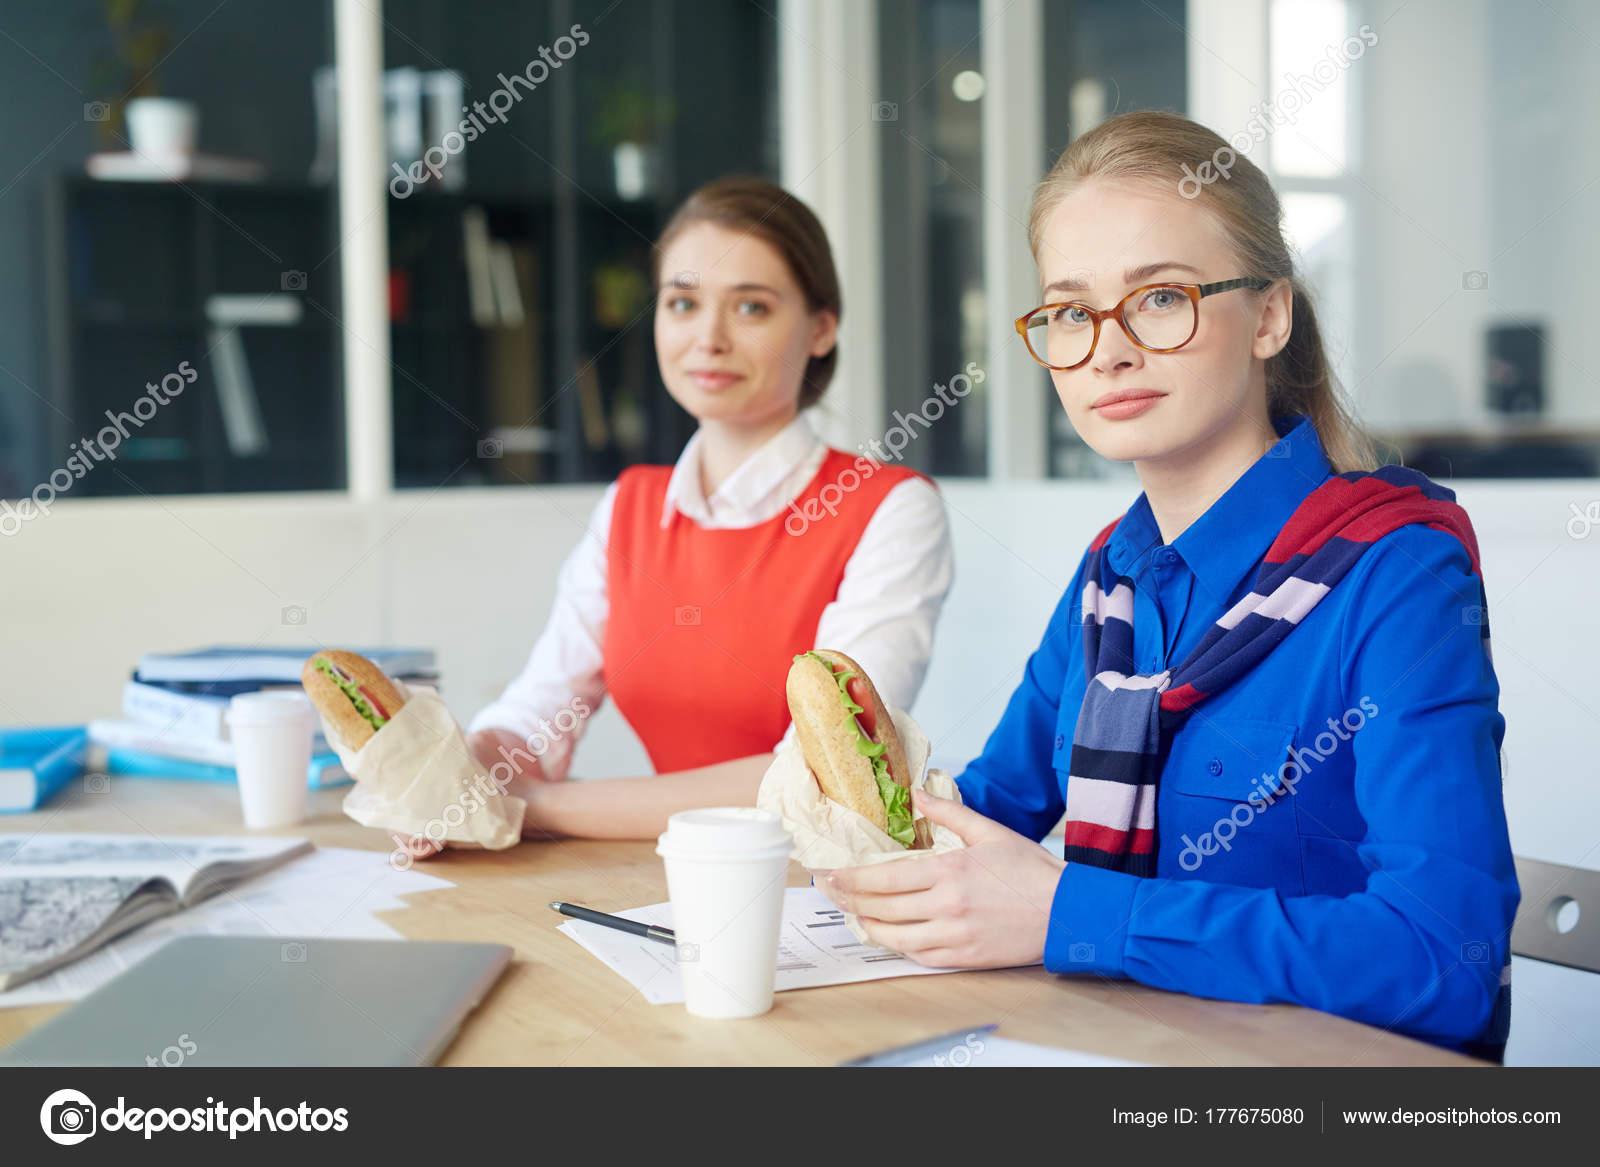 cerca coppia per lavoro in azienda belle donne oaxaca